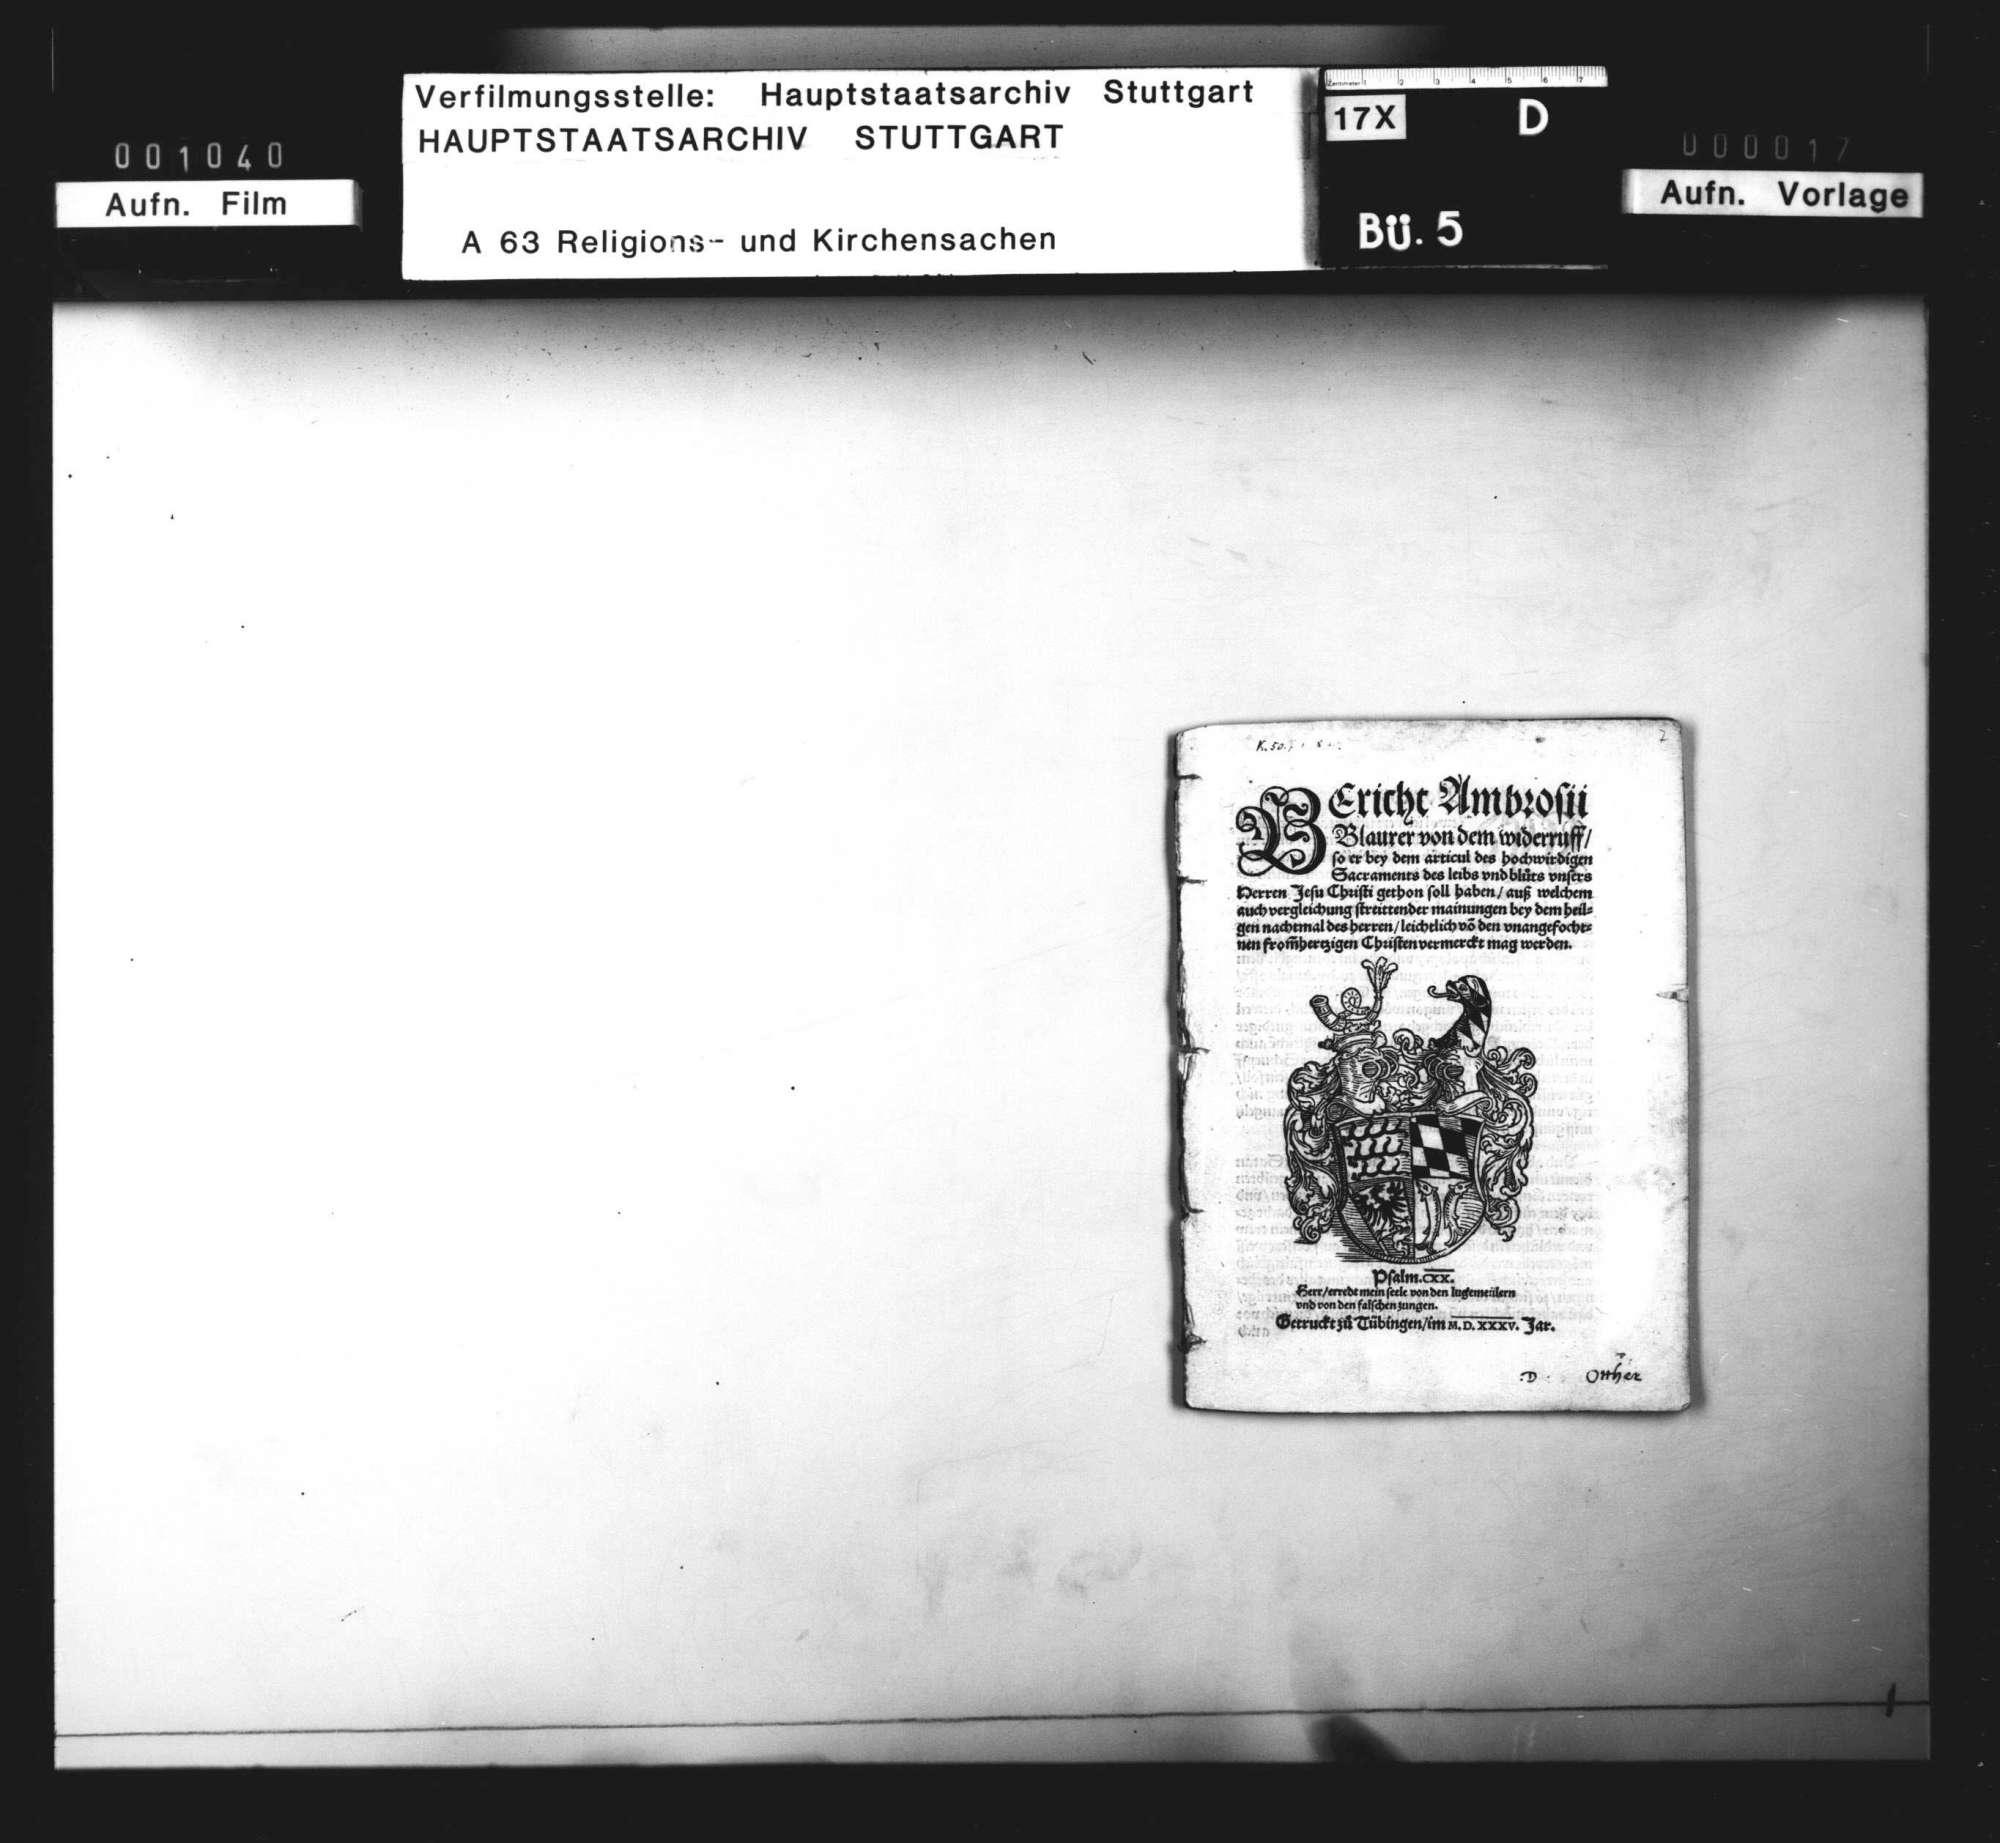 """Bericht Ambrosii Blarers von dem Widerruf, den er bei dem """"Artikul des Sakraments des Leibs und Bluts"""" getan soll haben., Bild 3"""